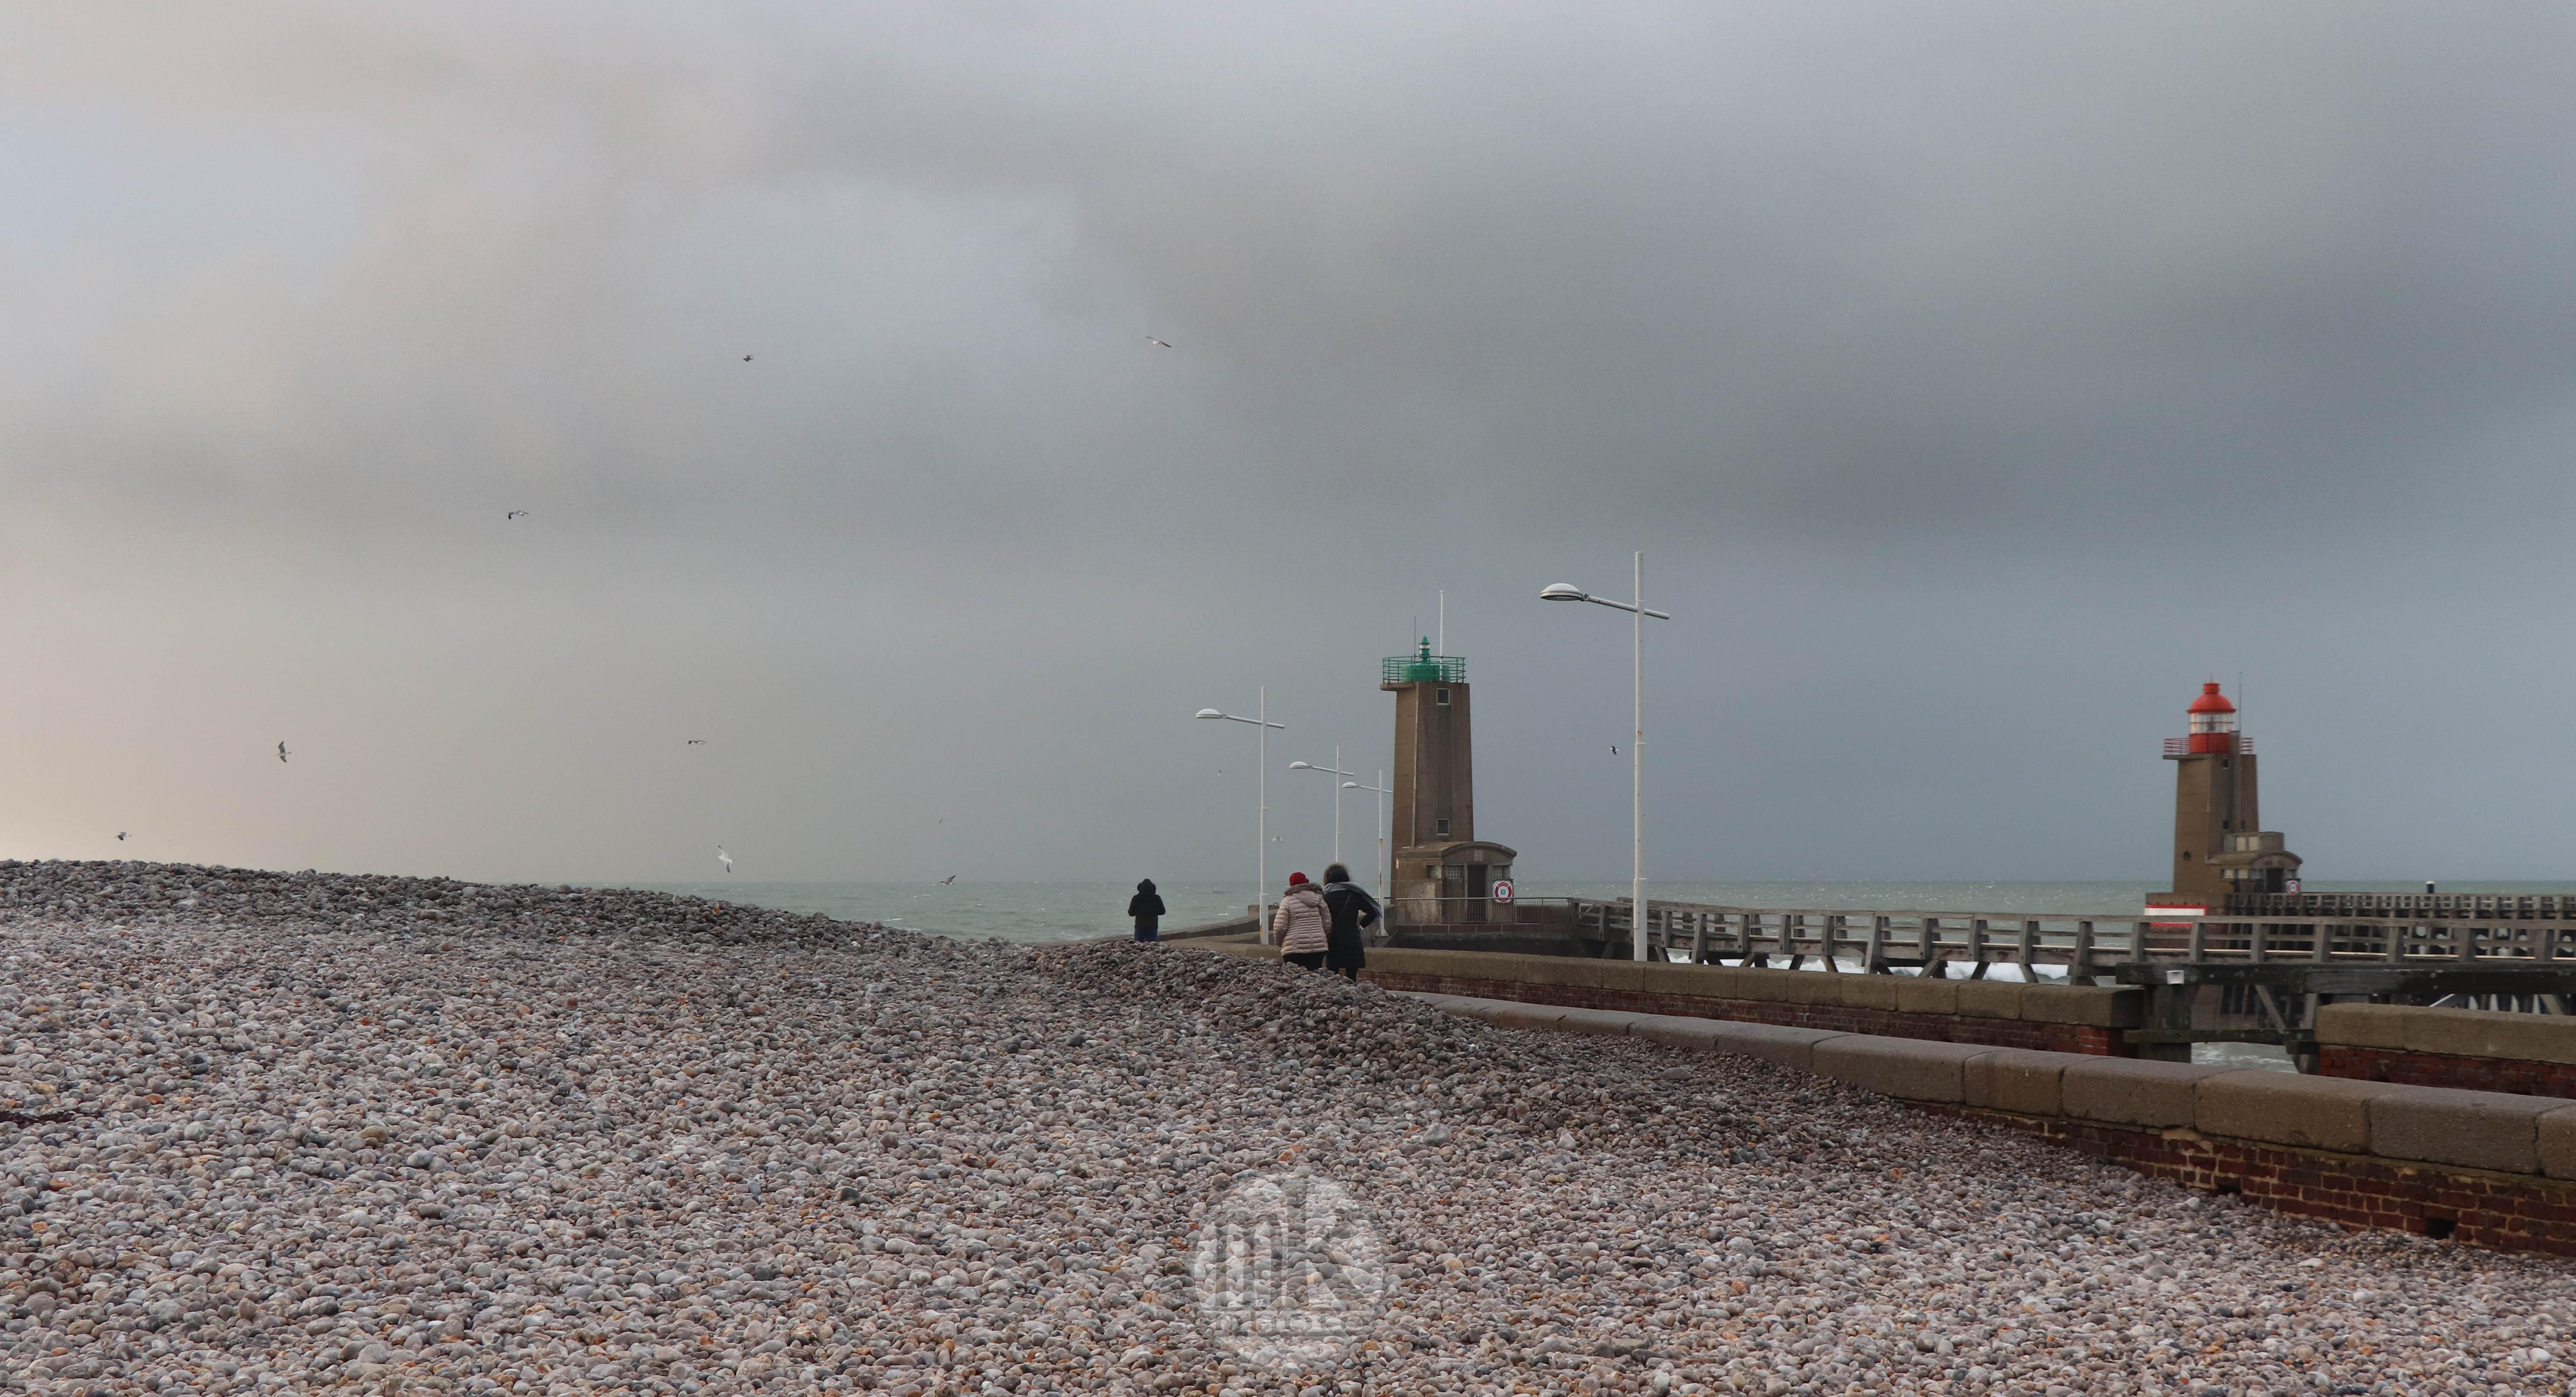 Fécamp, la plage, 22 déc 19, 17h09.jpg